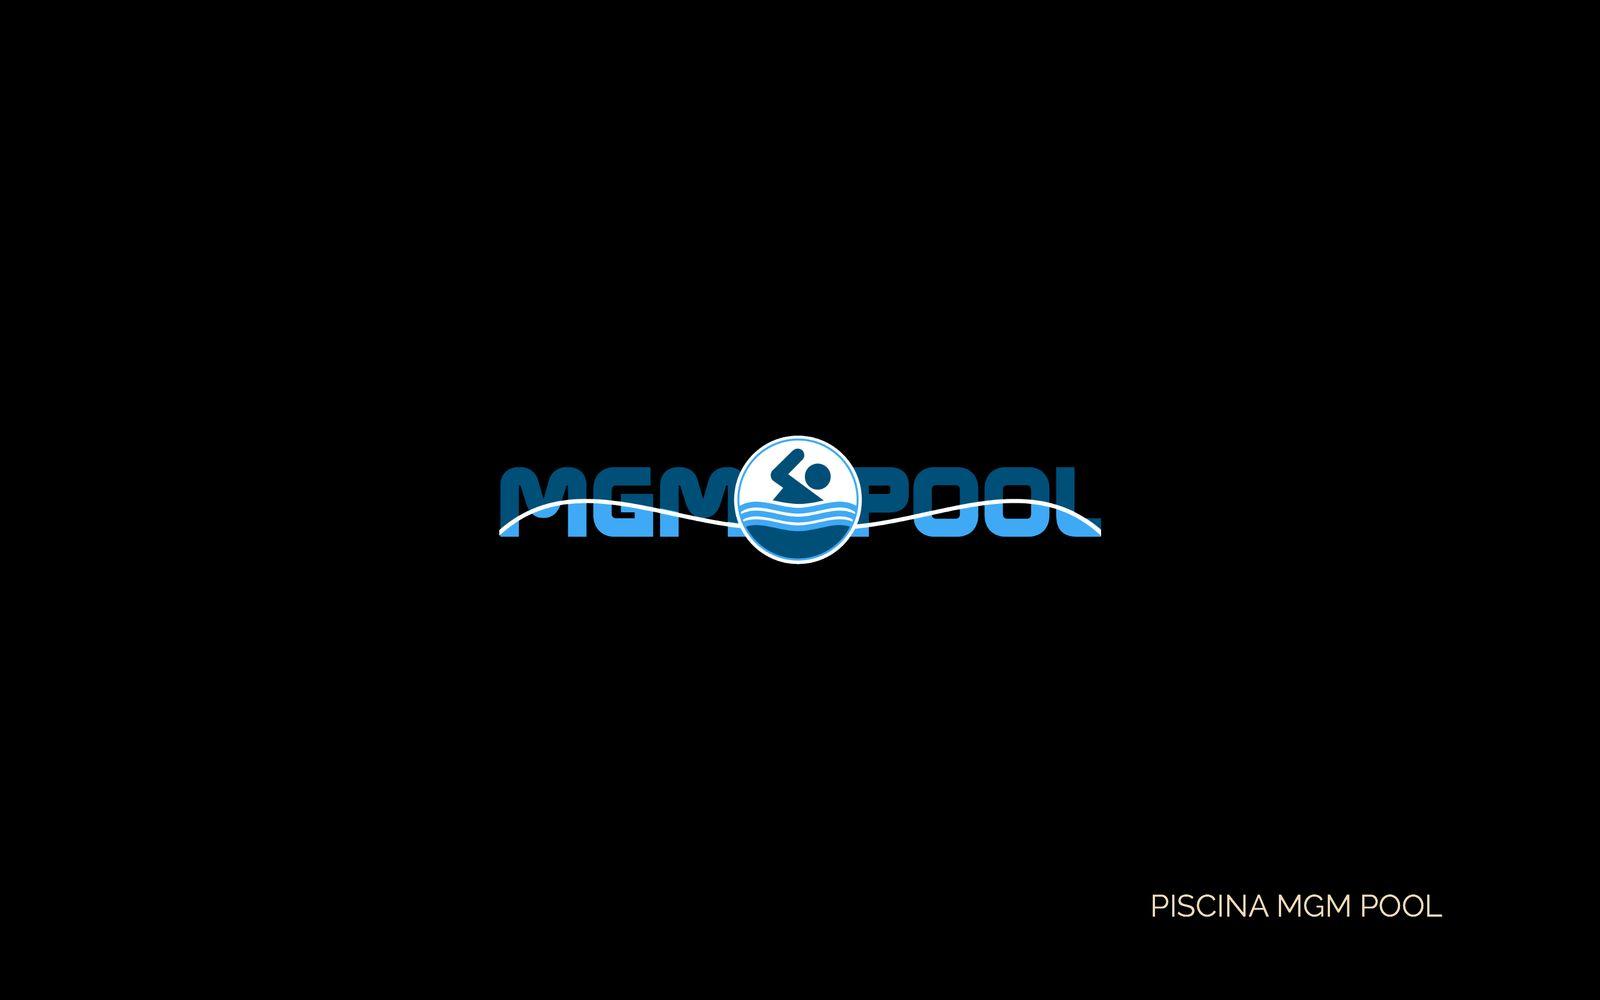 Piscina MGM Pool Viterbo-realizzazione sito web